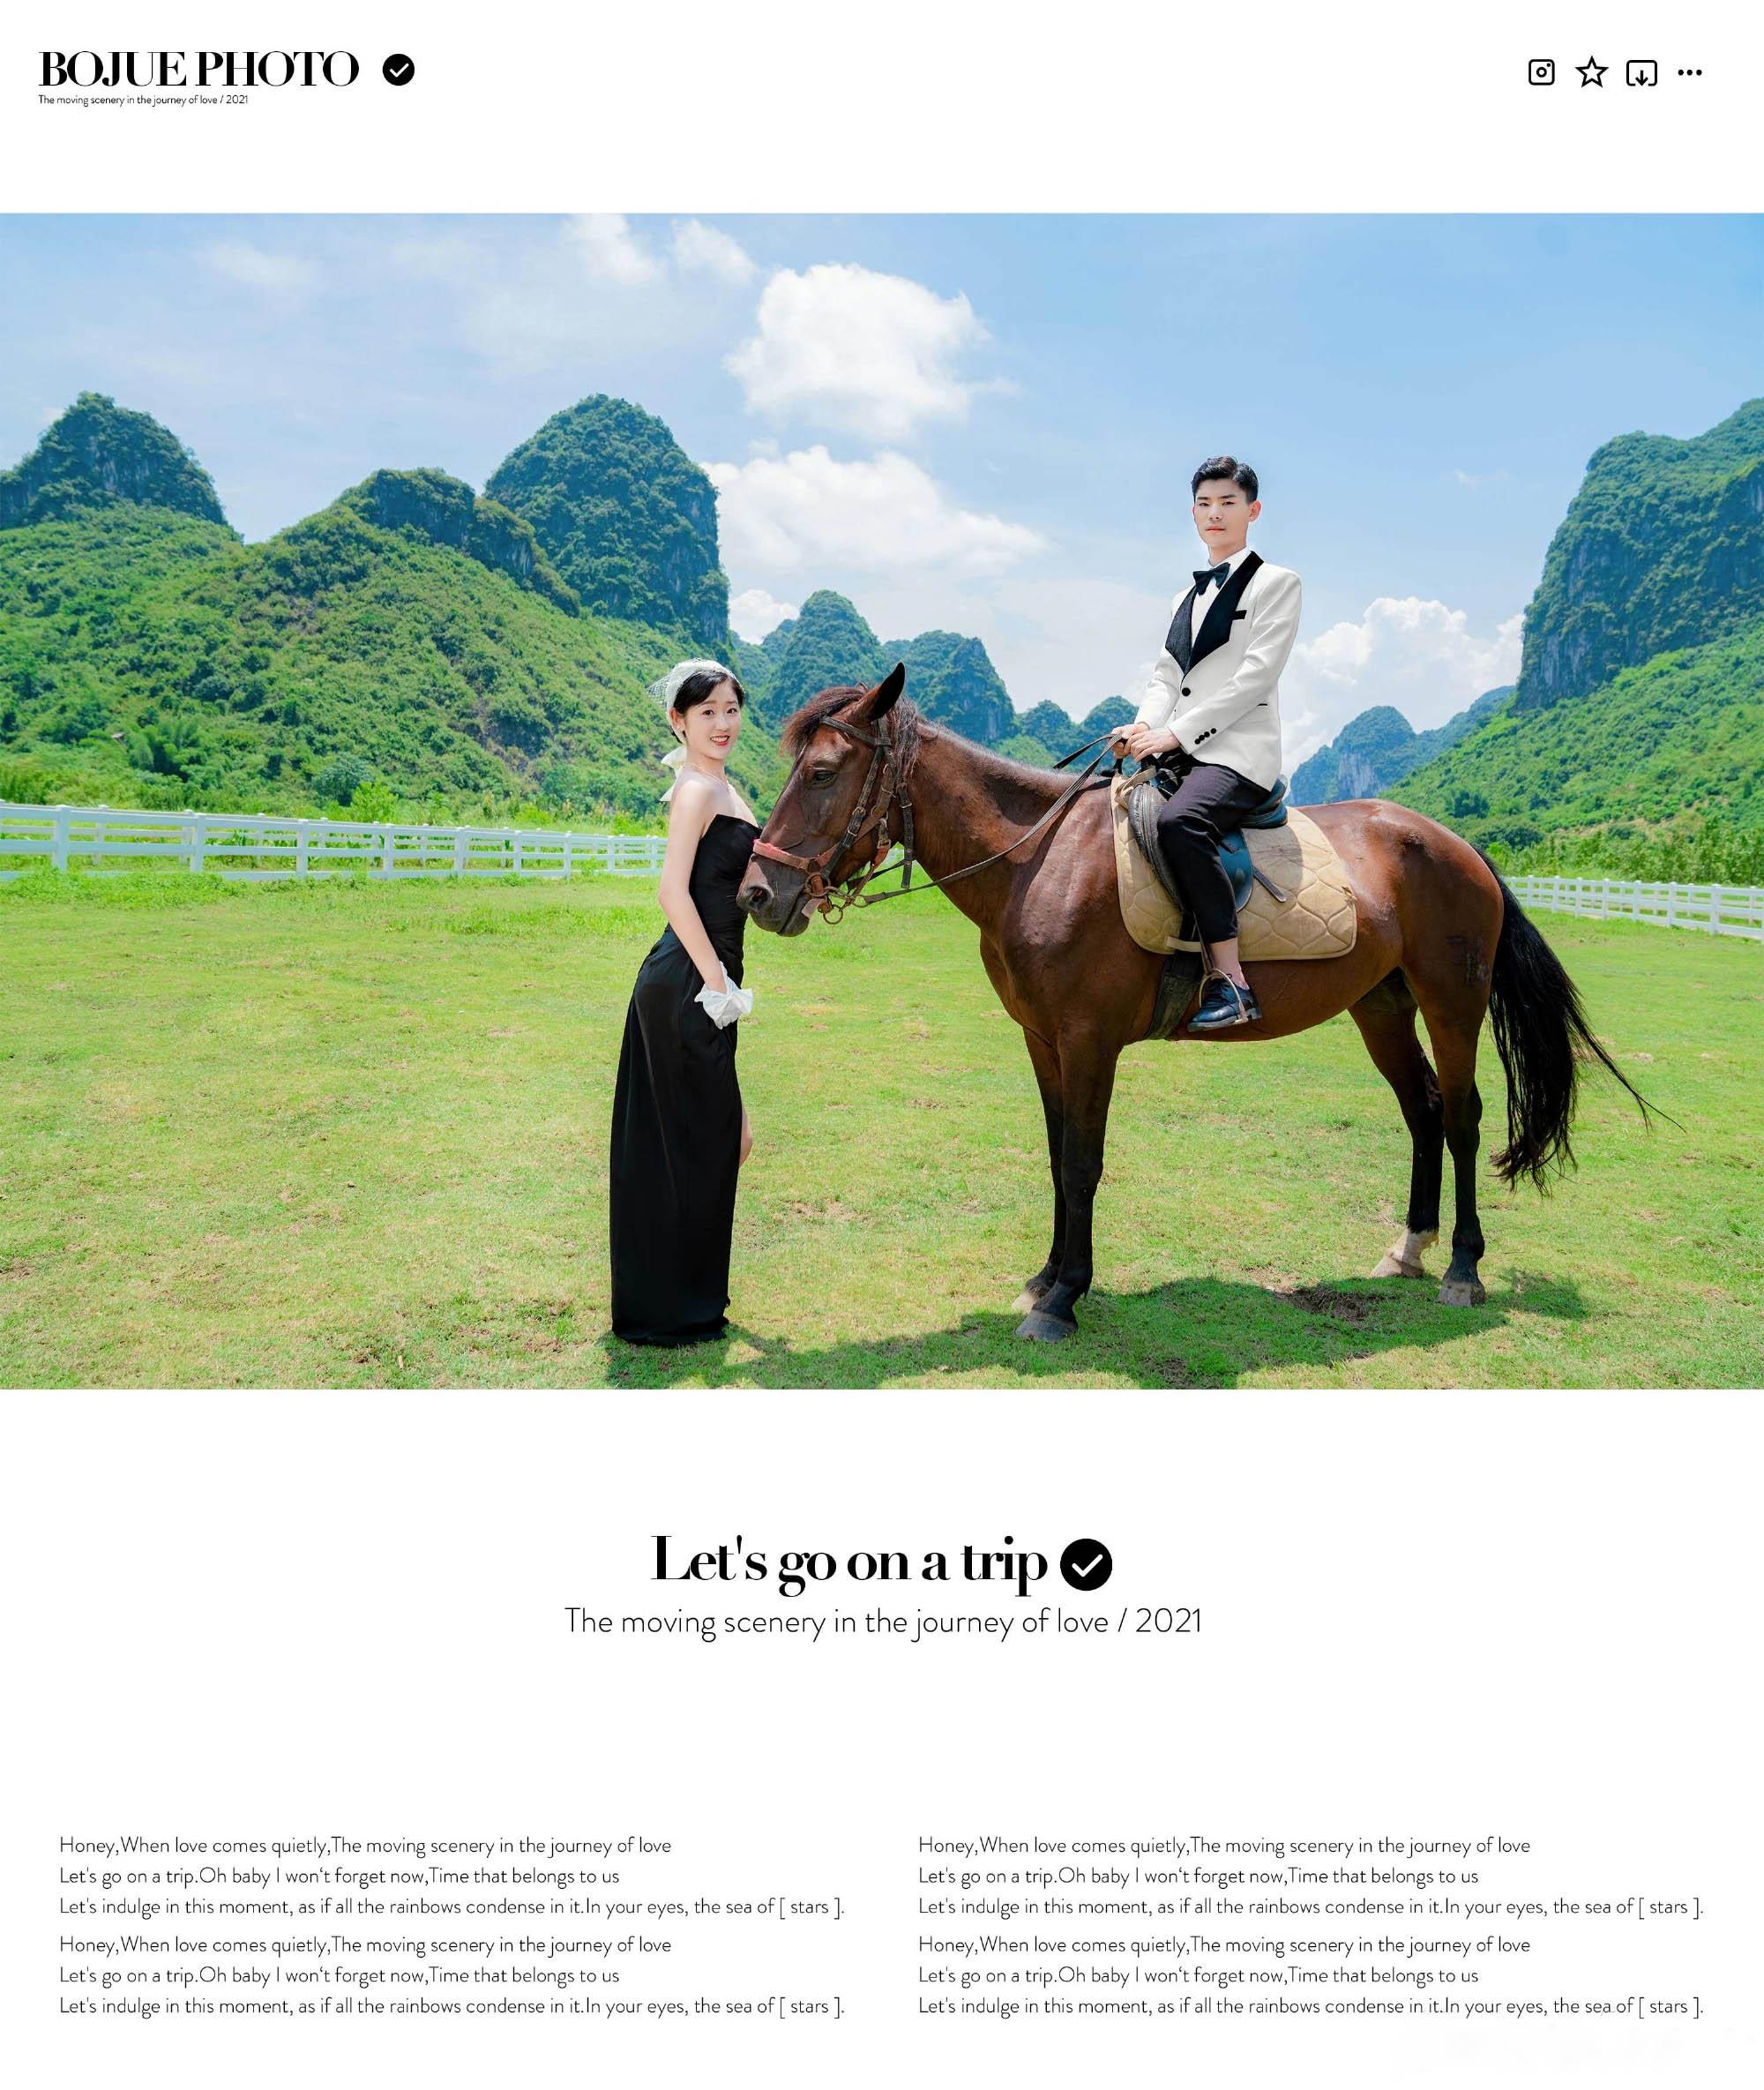 铂爵旅拍桂林婚纱照小记